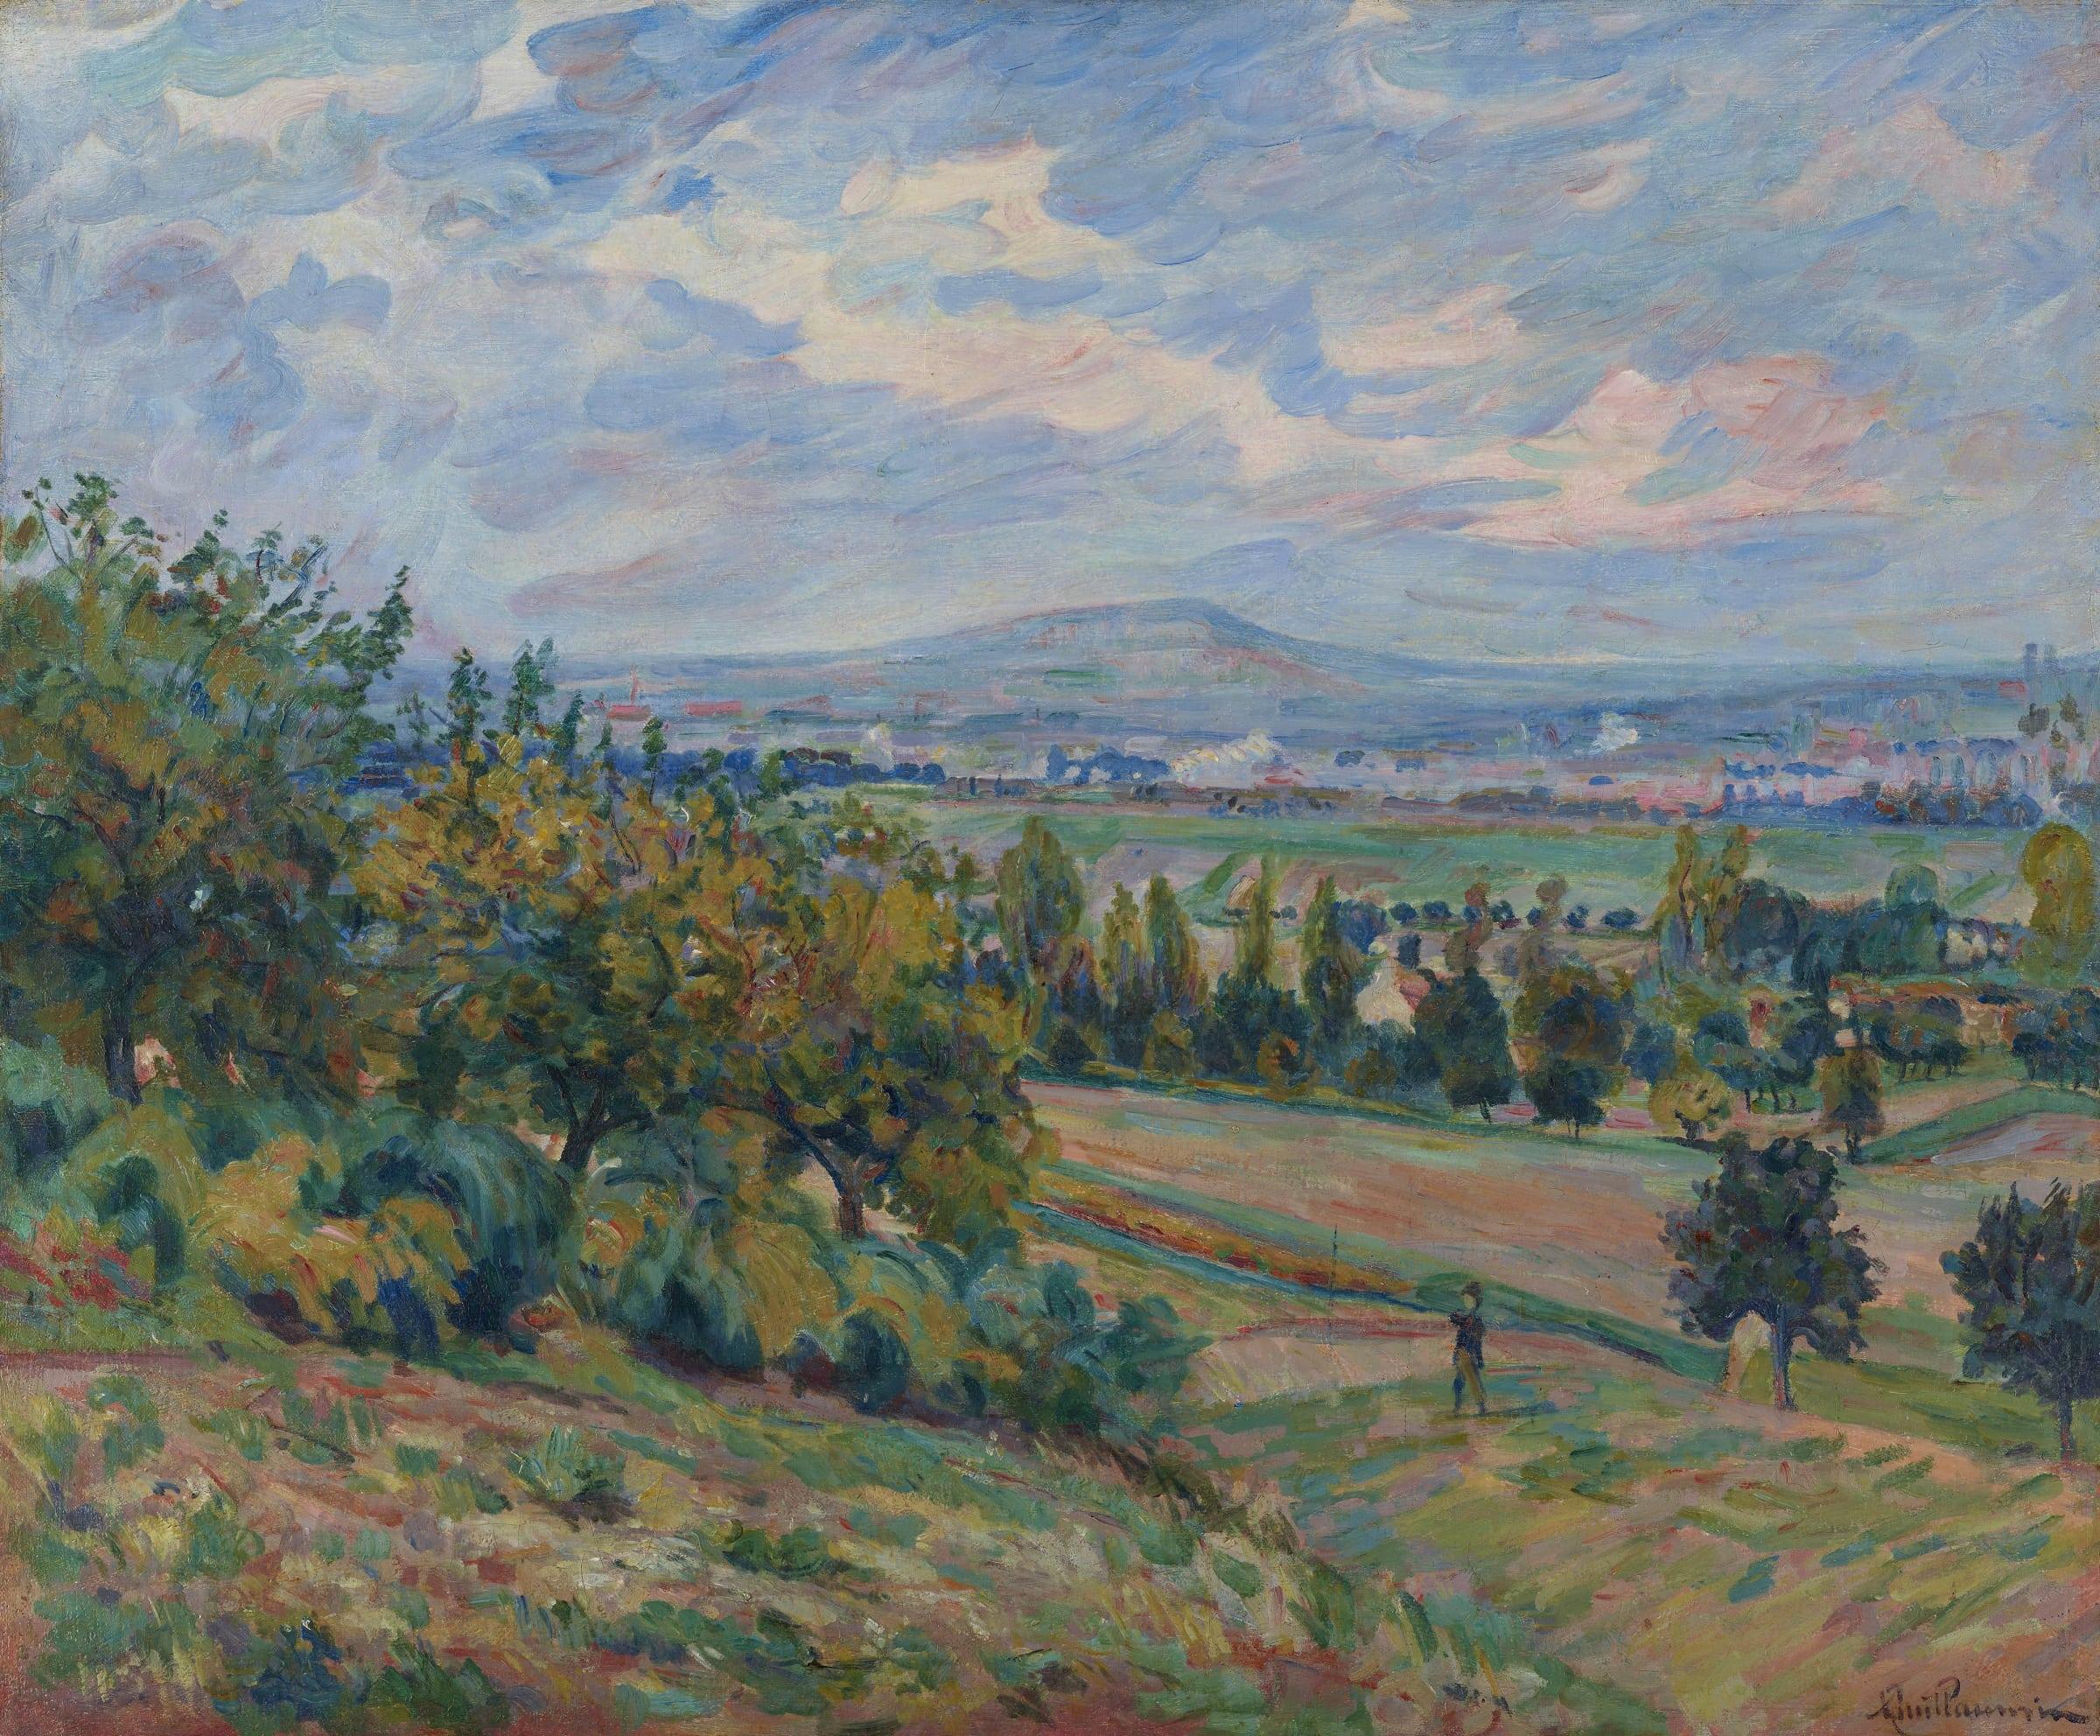 """<span class=""""link fancybox-details-link""""><a href=""""/artists/45-armand-guillaumin/works/9384-armand-guillaumin-vue-de-l-ha-les-roses-le-de-france-c.1873/"""">View Detail Page</a></span><div class=""""artist""""><span class=""""artist""""><strong>Armand Guillaumin</strong></span></div><div class=""""title""""><em>Vue de L'Haÿ-les-roses, Île-de-France</em>, c.1873</div><div class=""""signed_and_dated"""">Signed lower right</div><div class=""""medium"""">Oil on canvas</div><div class=""""dimensions"""">53.8 X 64.8 cm<br /> 21 3/16 X 25 9/16 inches</div>"""